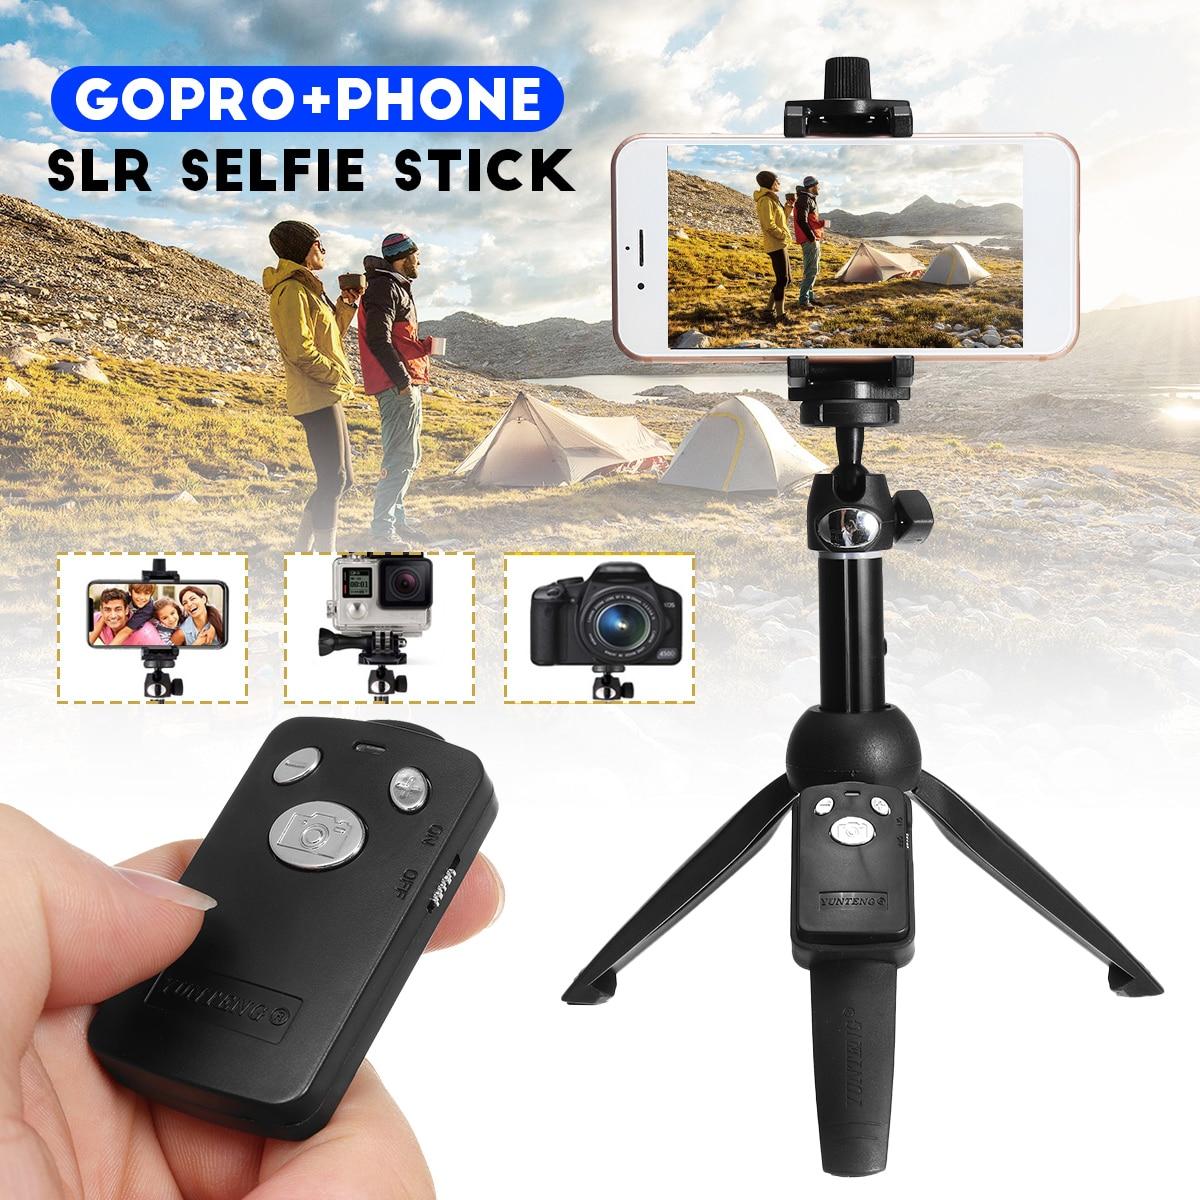 Handheld Selfie Varas de Ação Esporte Câmera SLR Tripé Monopé para GoPro Smartphones om Remoto Do Obturador para o iphone para Samsung